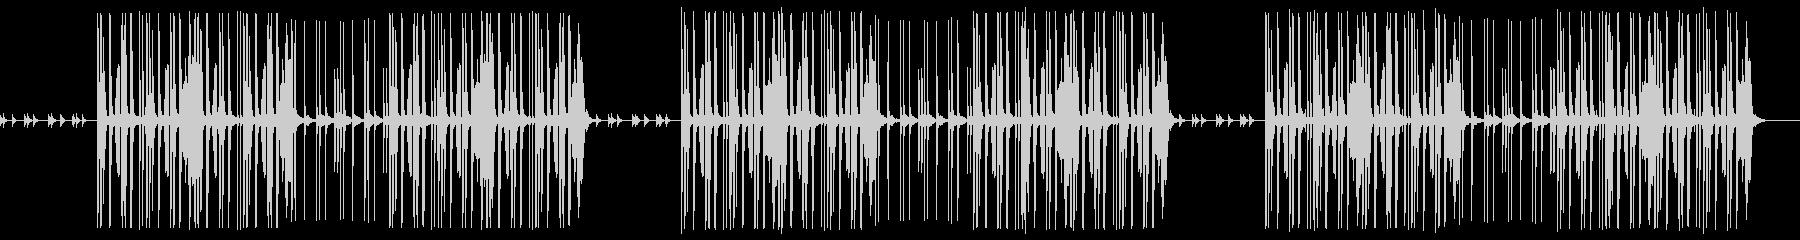 ほのぼのした謎解きのようなかわいいBGMの未再生の波形